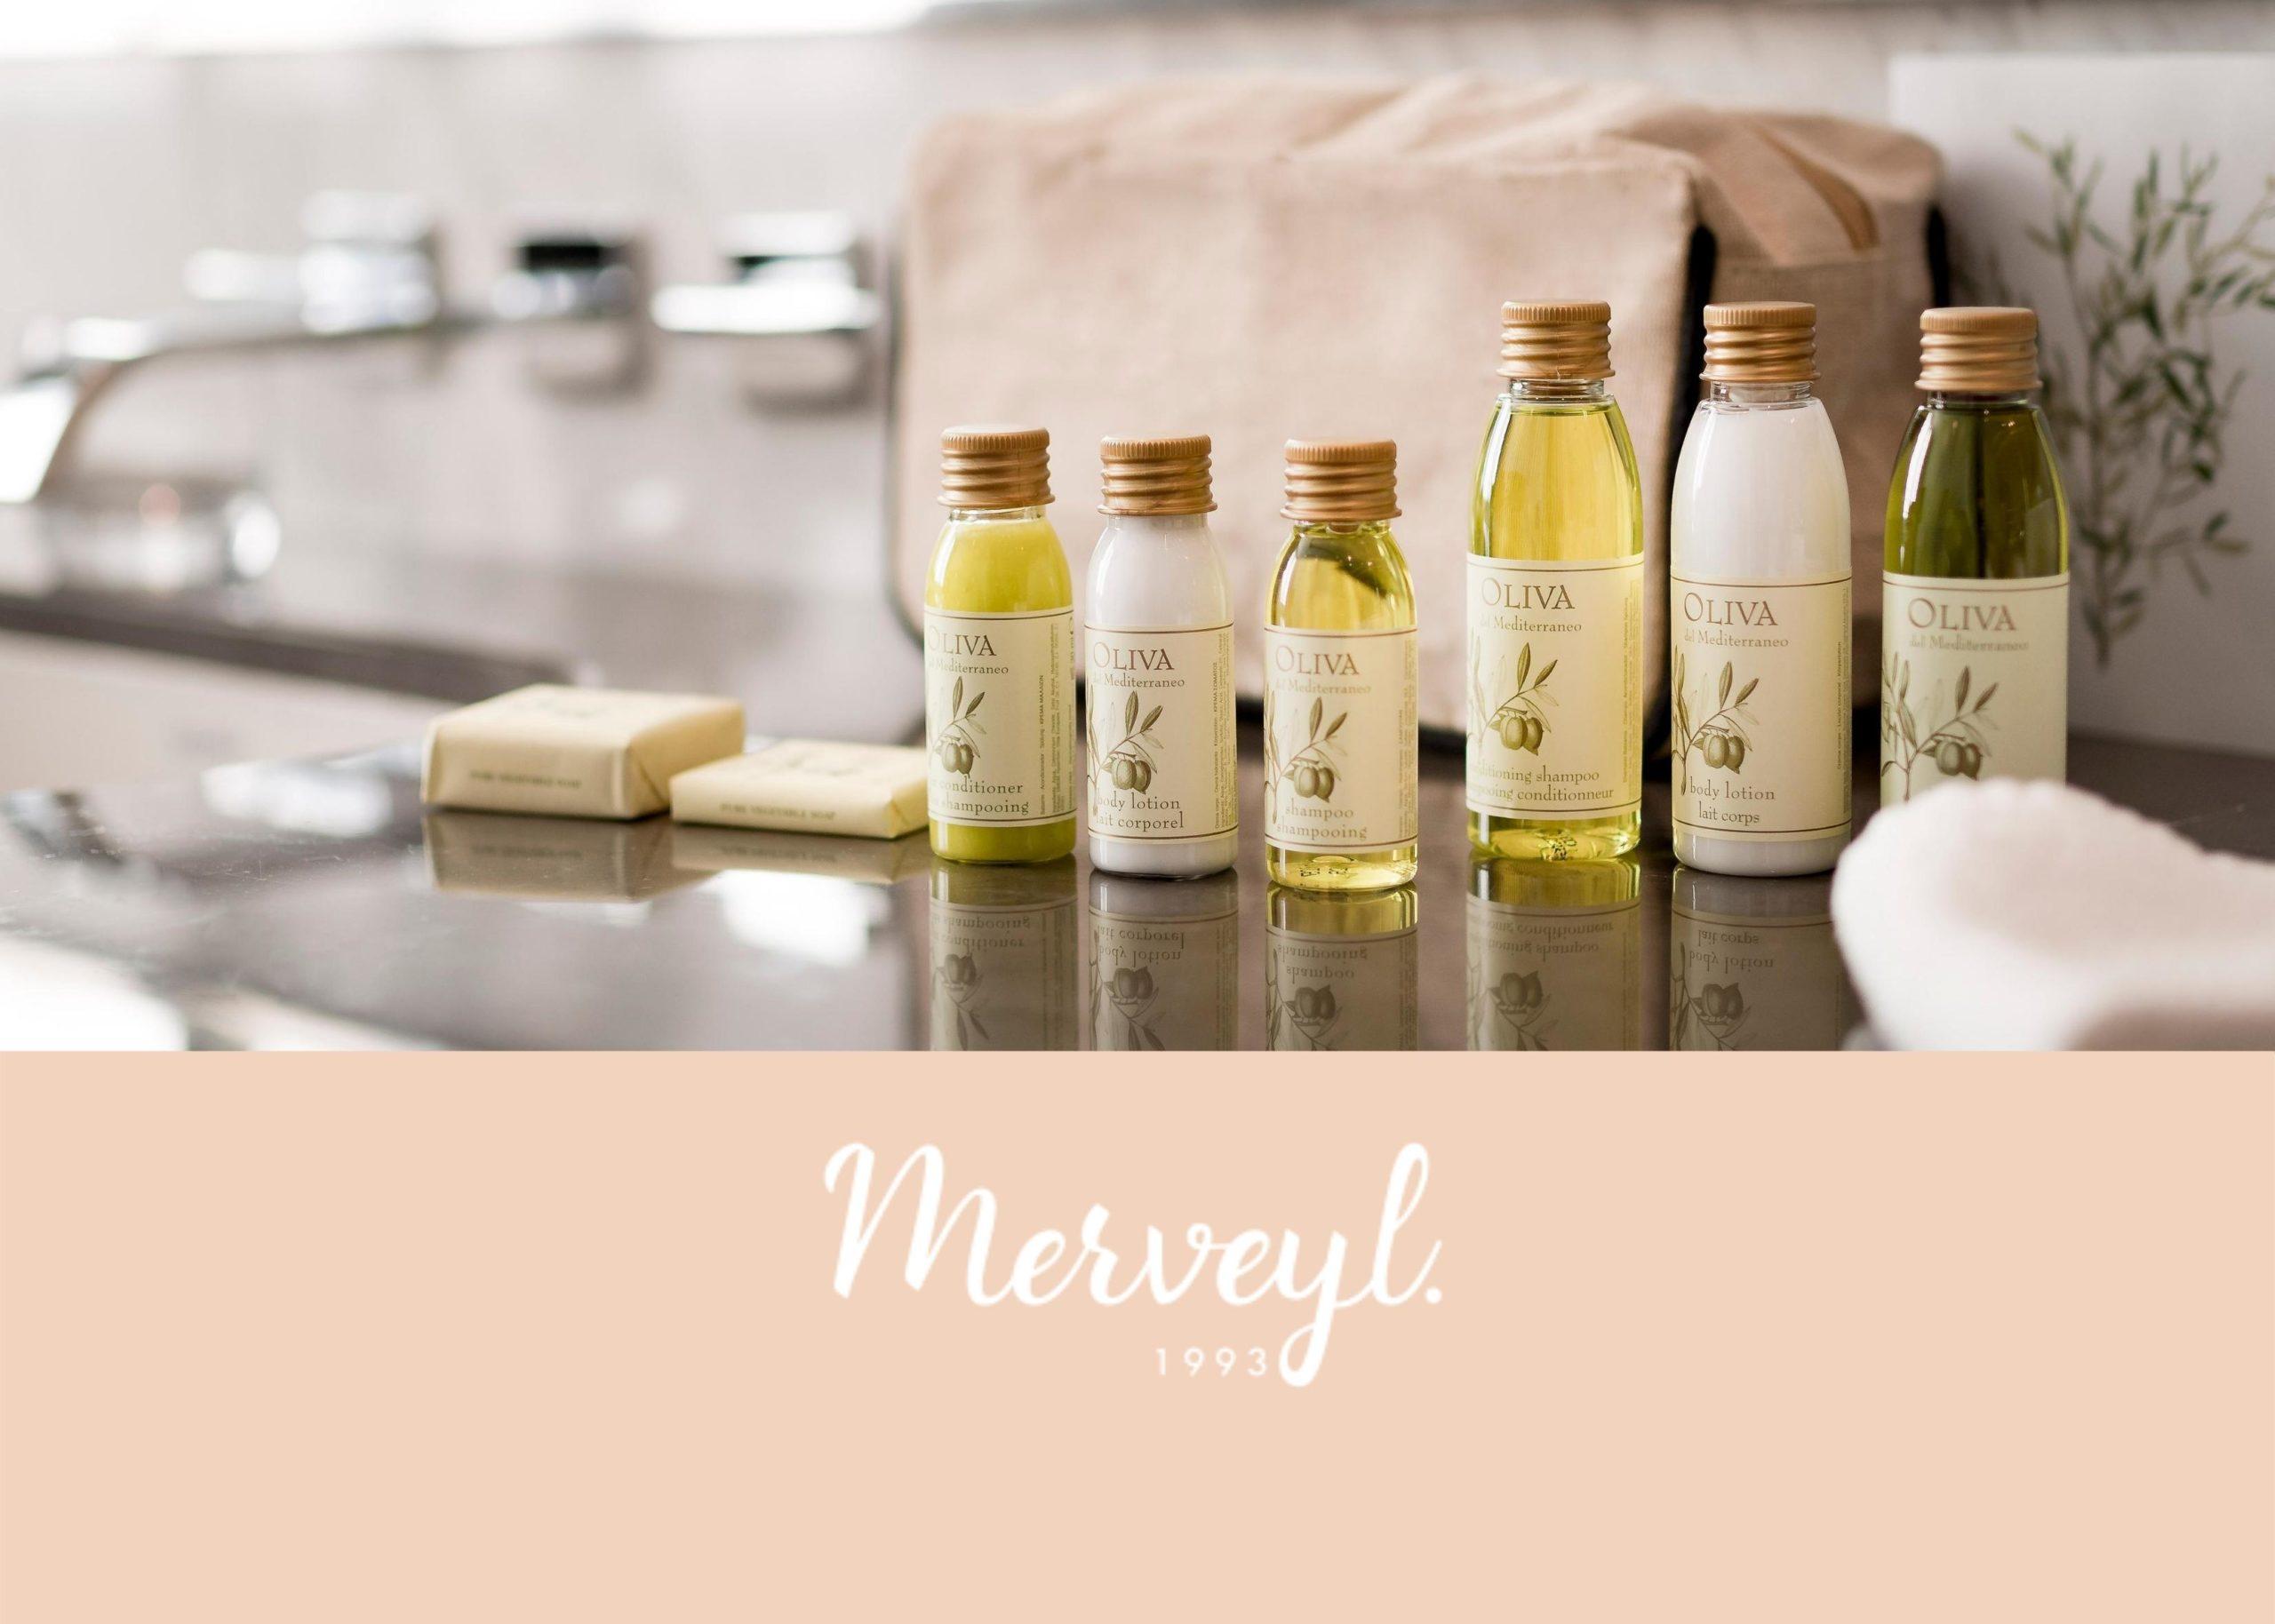 Merveyl